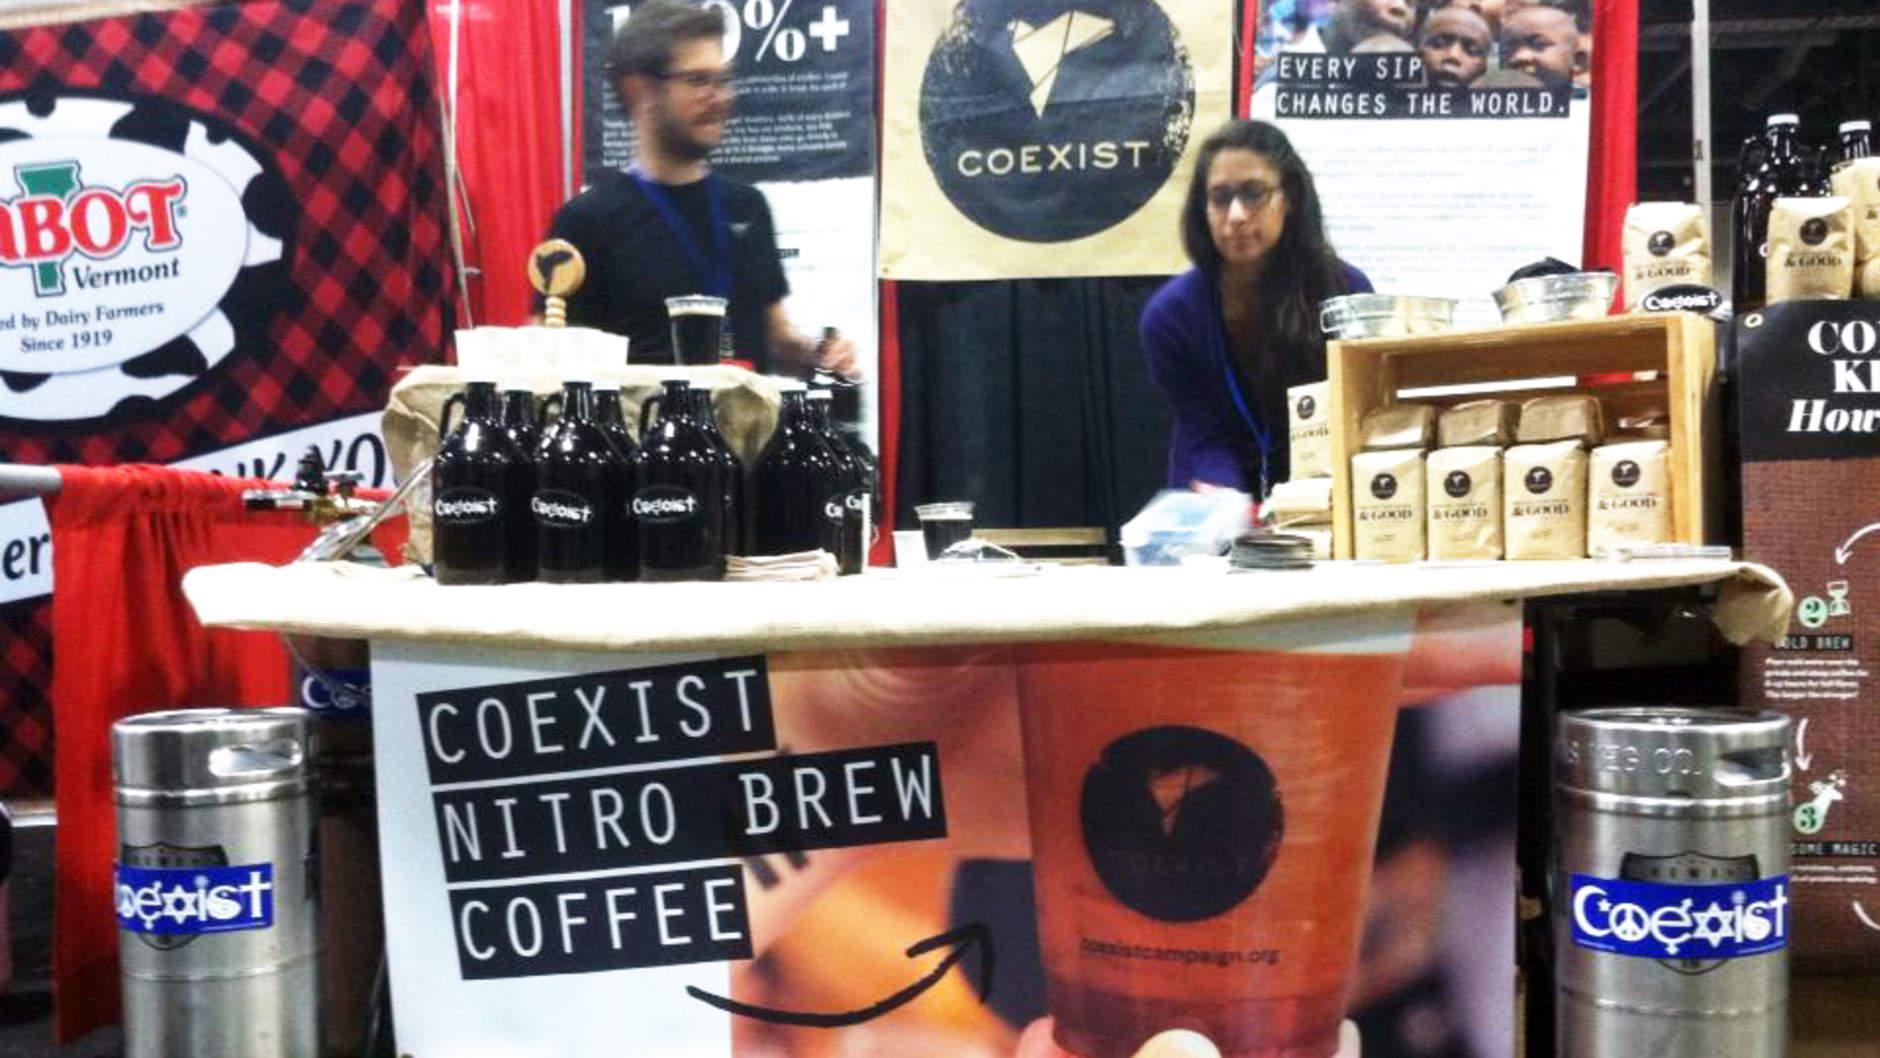 Coexist's nitro brew growlers